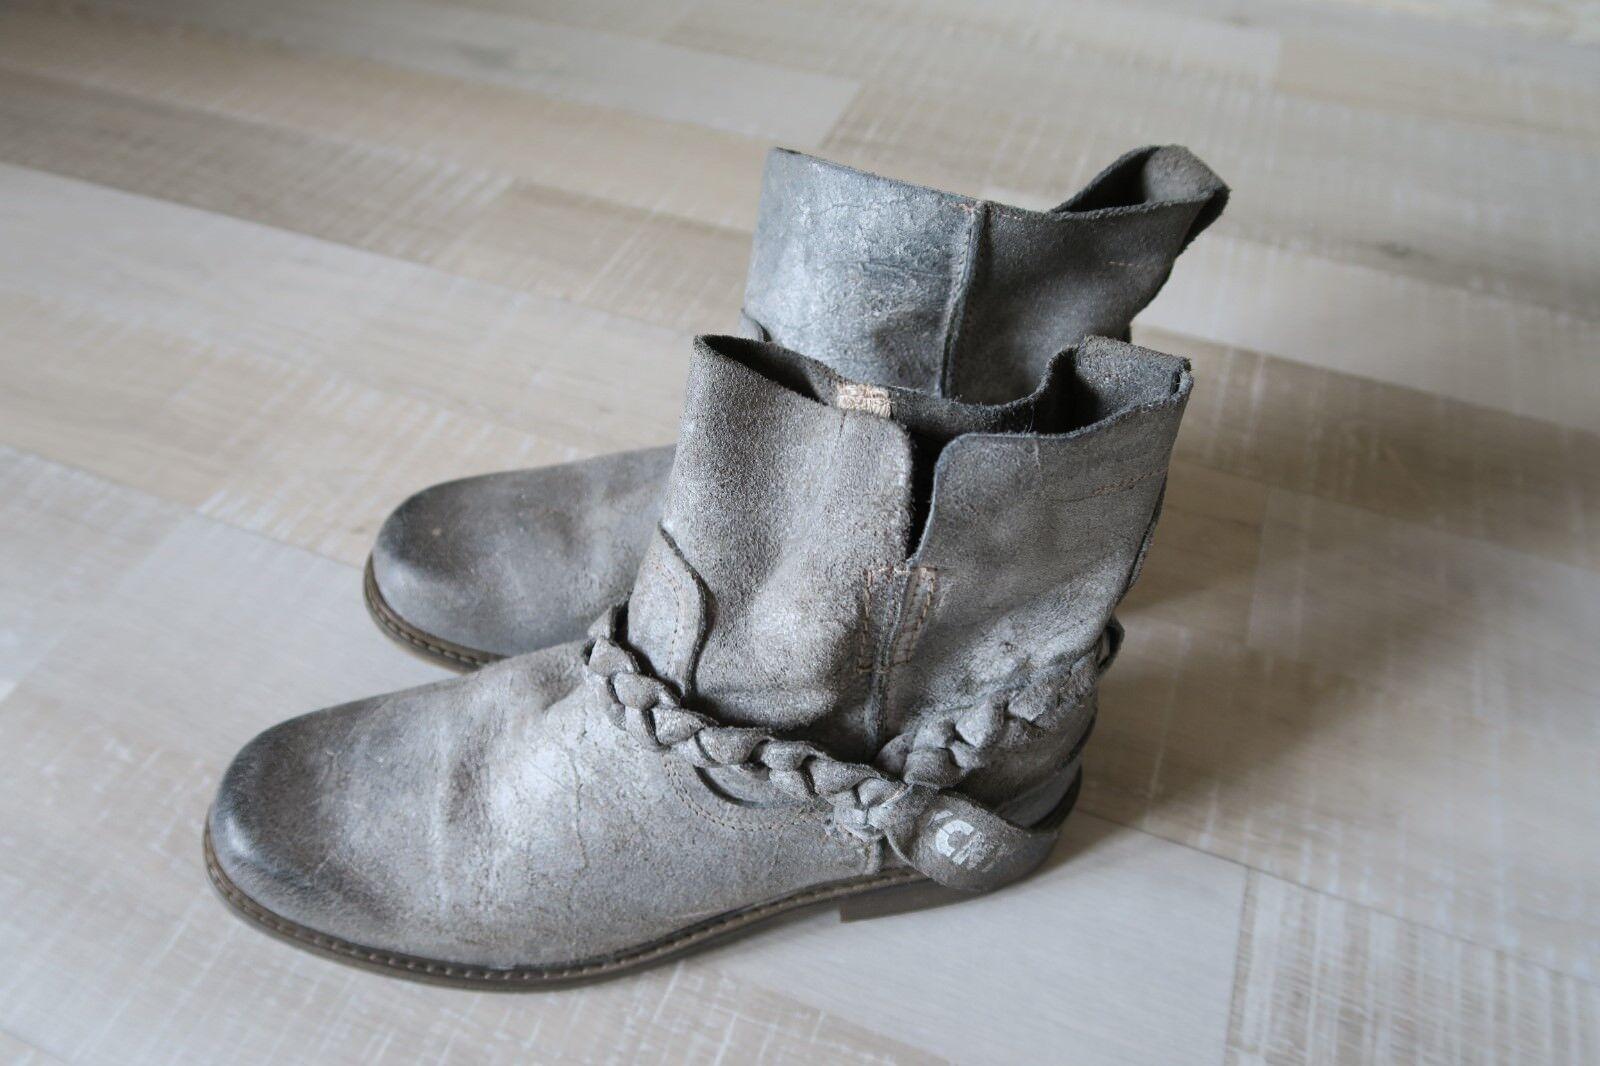 Stiefel, Stiefeletten von Gelb Cab, Gr. 41, Leder, Grau Used